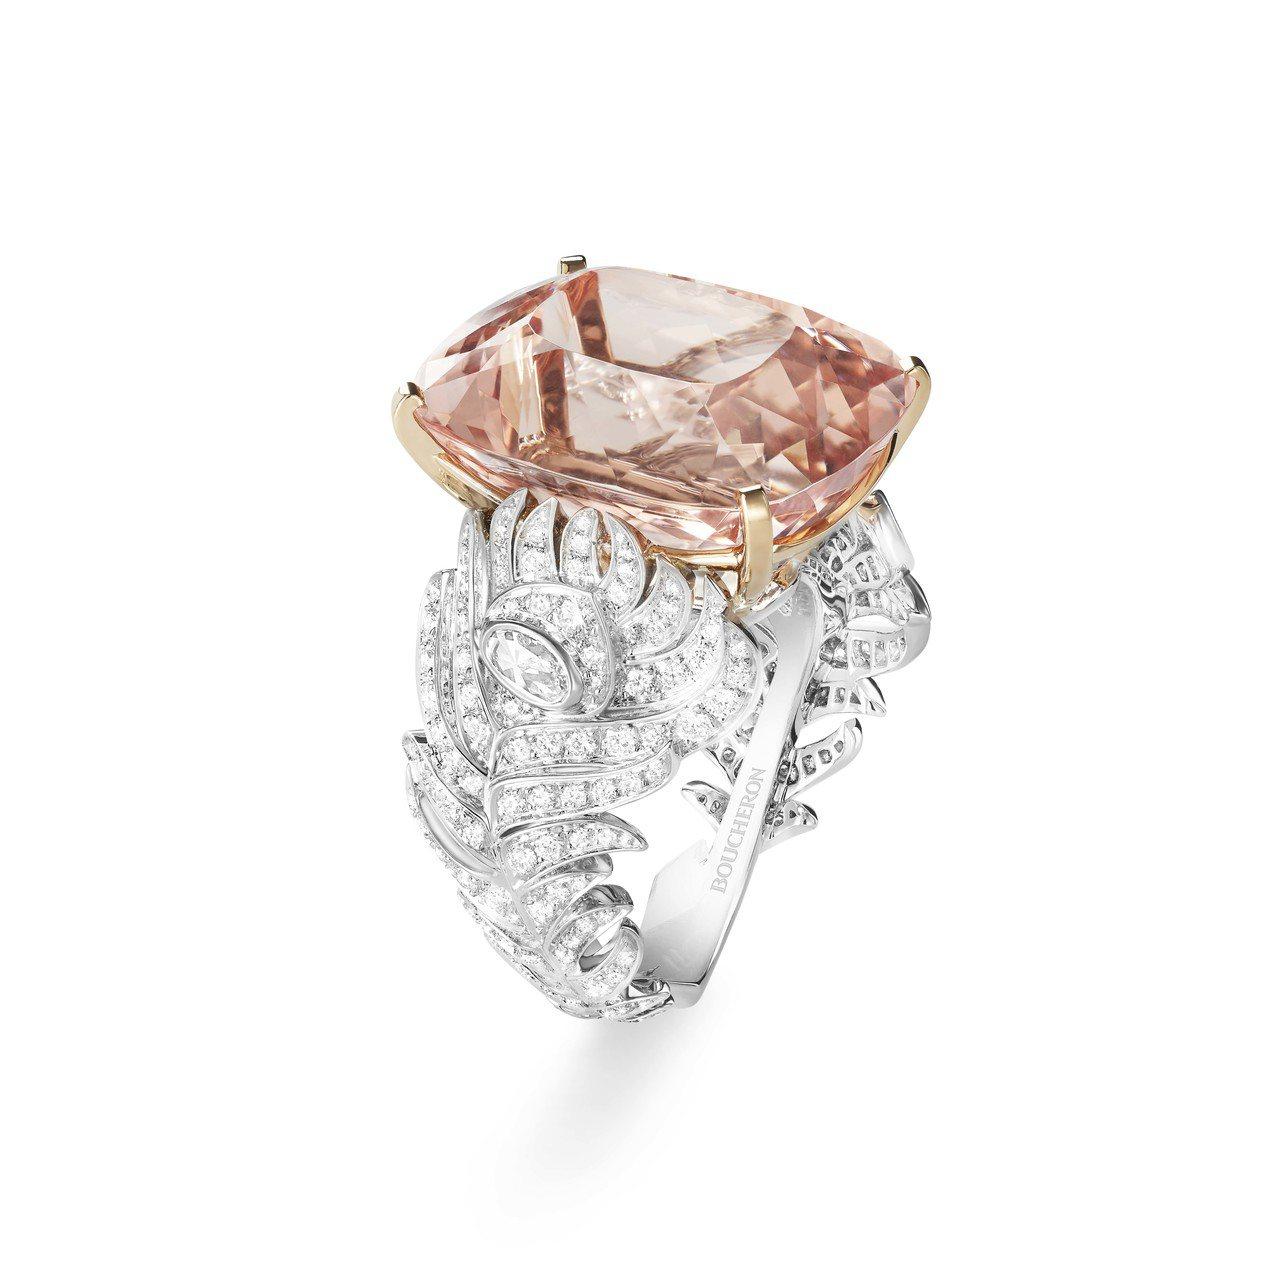 Plume de Paon系列摩根石指環,261萬元。圖/寶詩龍提供0000